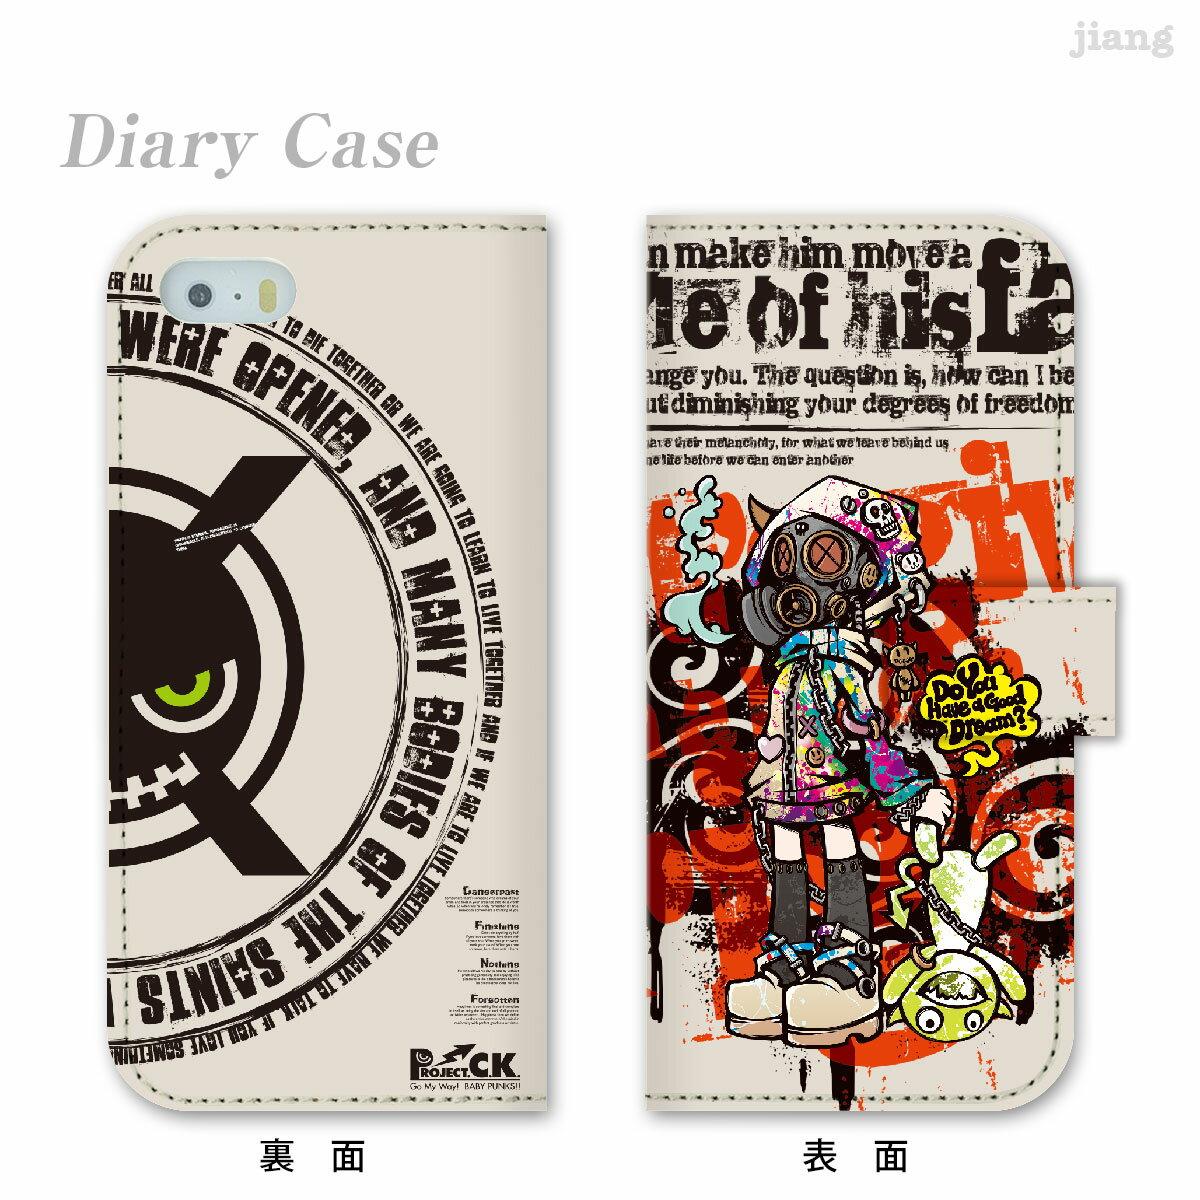 スマホケース 手帳型 全機種対応 手帳 ケース カバー レザー iPhoneX iPhone8 iPhone7 iPhone6s iPhone6 Plus iPhone5s SE Xperia XZ2 XZ1 XZ so-05k so-04k so-03k so-02k so-01k aquos r2 r SH-03k galaxy s9 s8 Project.C.K. GASMASK 11-ip5-ds0005-s